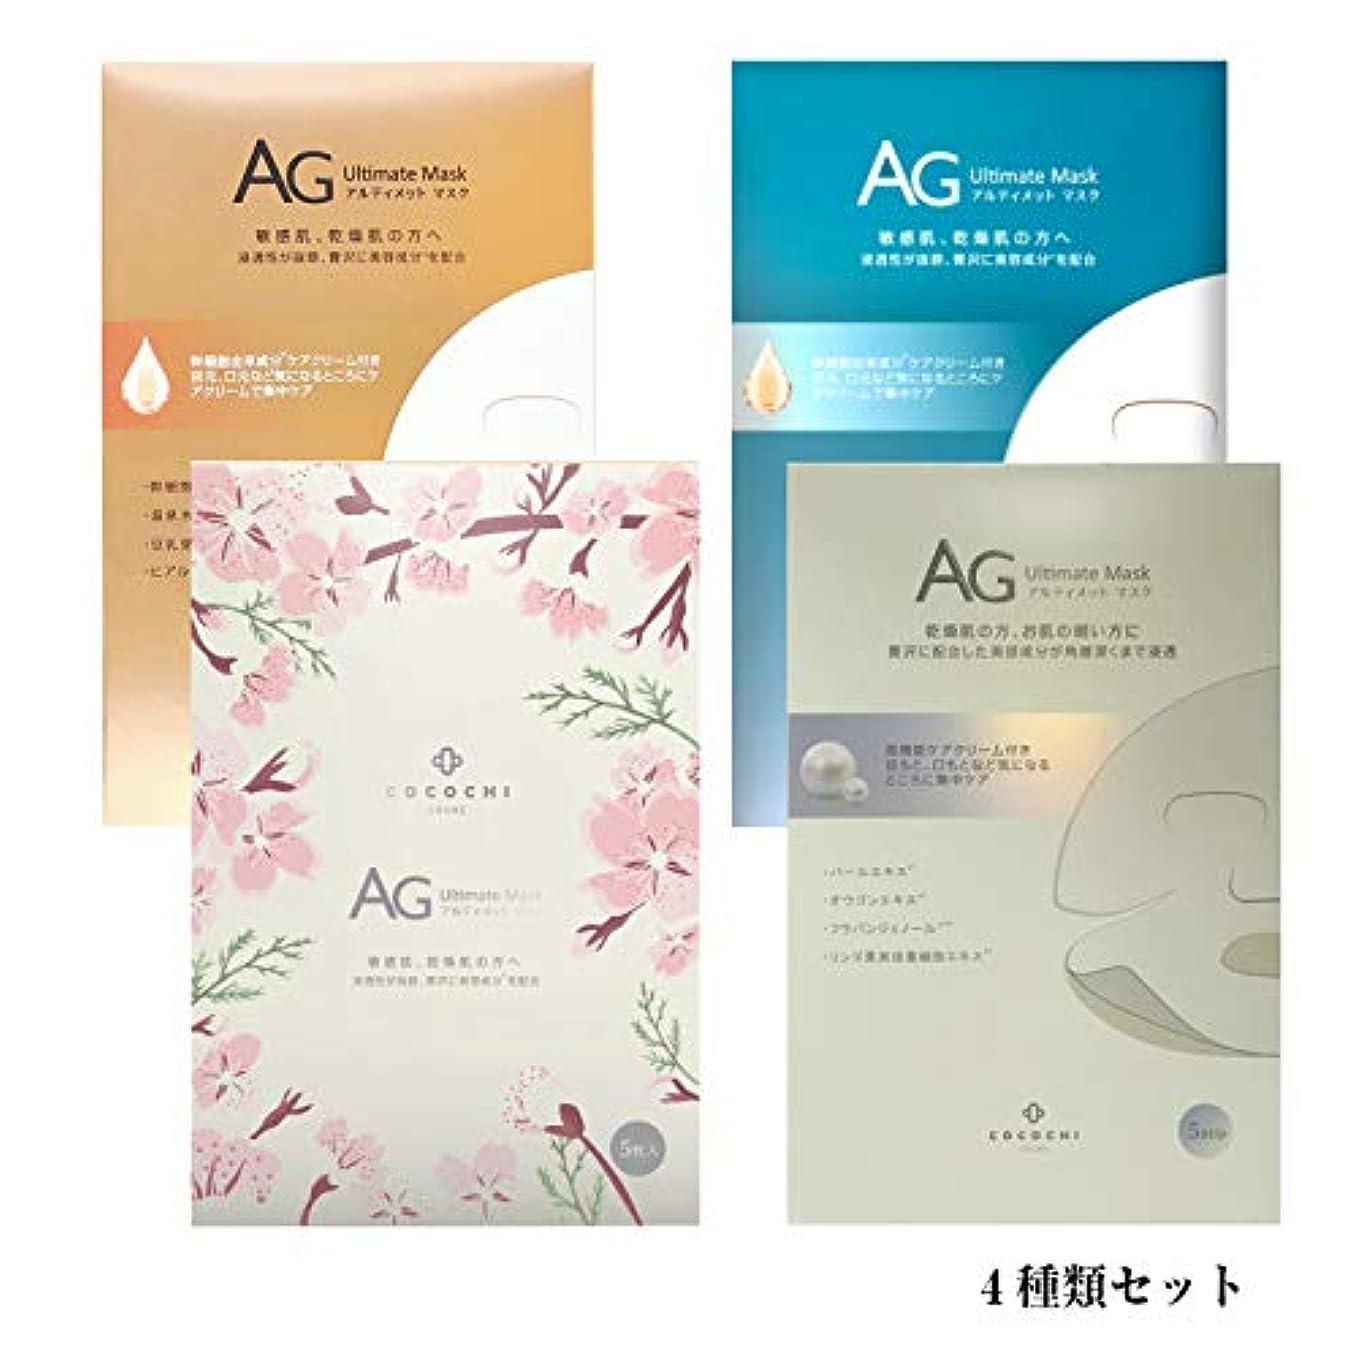 パシフィック変換ポンプAGアルティメットマスク 4種類セット AG アルティメットマスク/オーシャンマスク/さくら/アコヤ真珠マスク